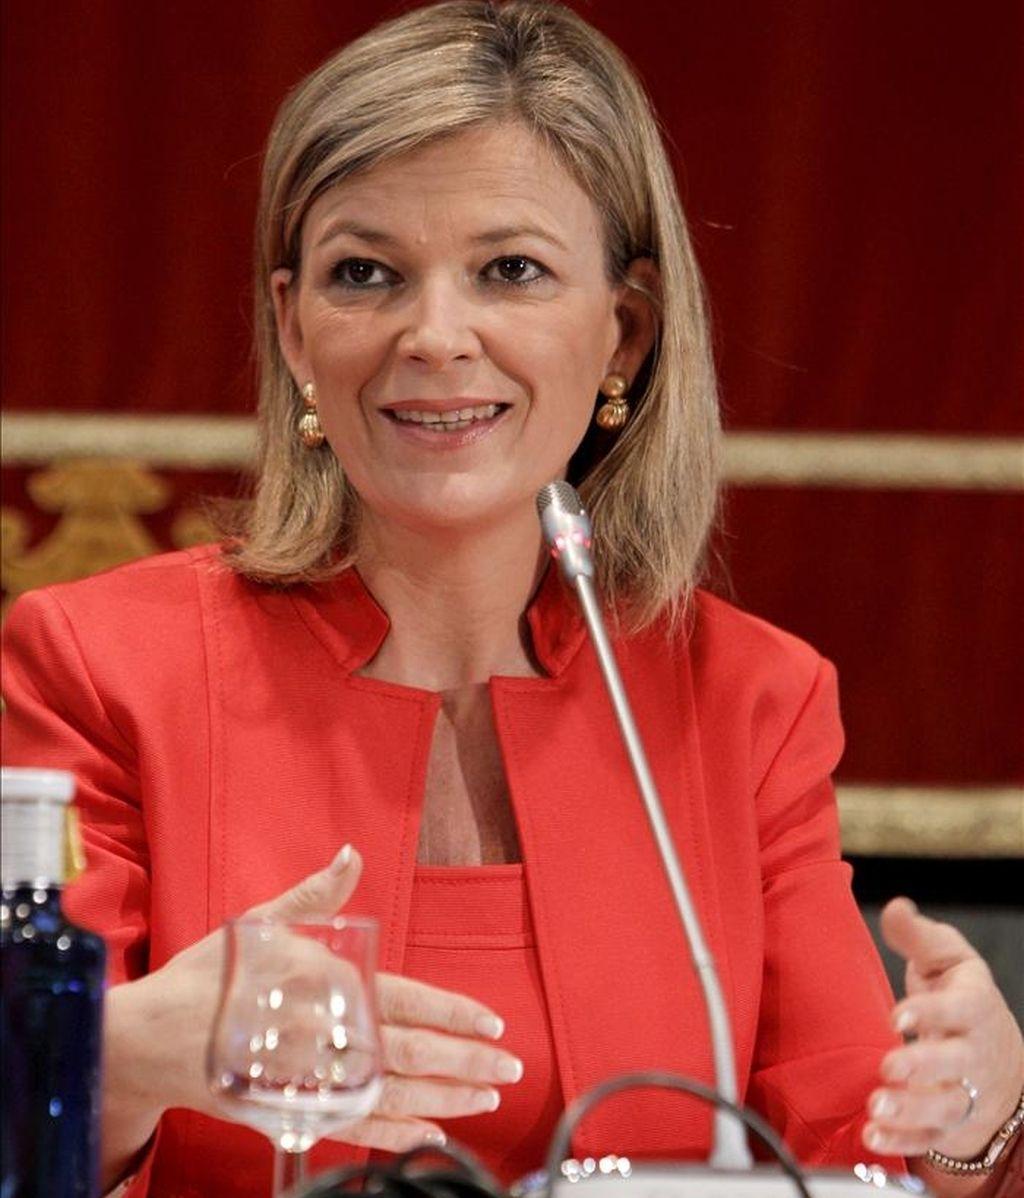 La portavoz del Consejo General del Poder Judicial, Gabriela Bravo. EFE/Archivo